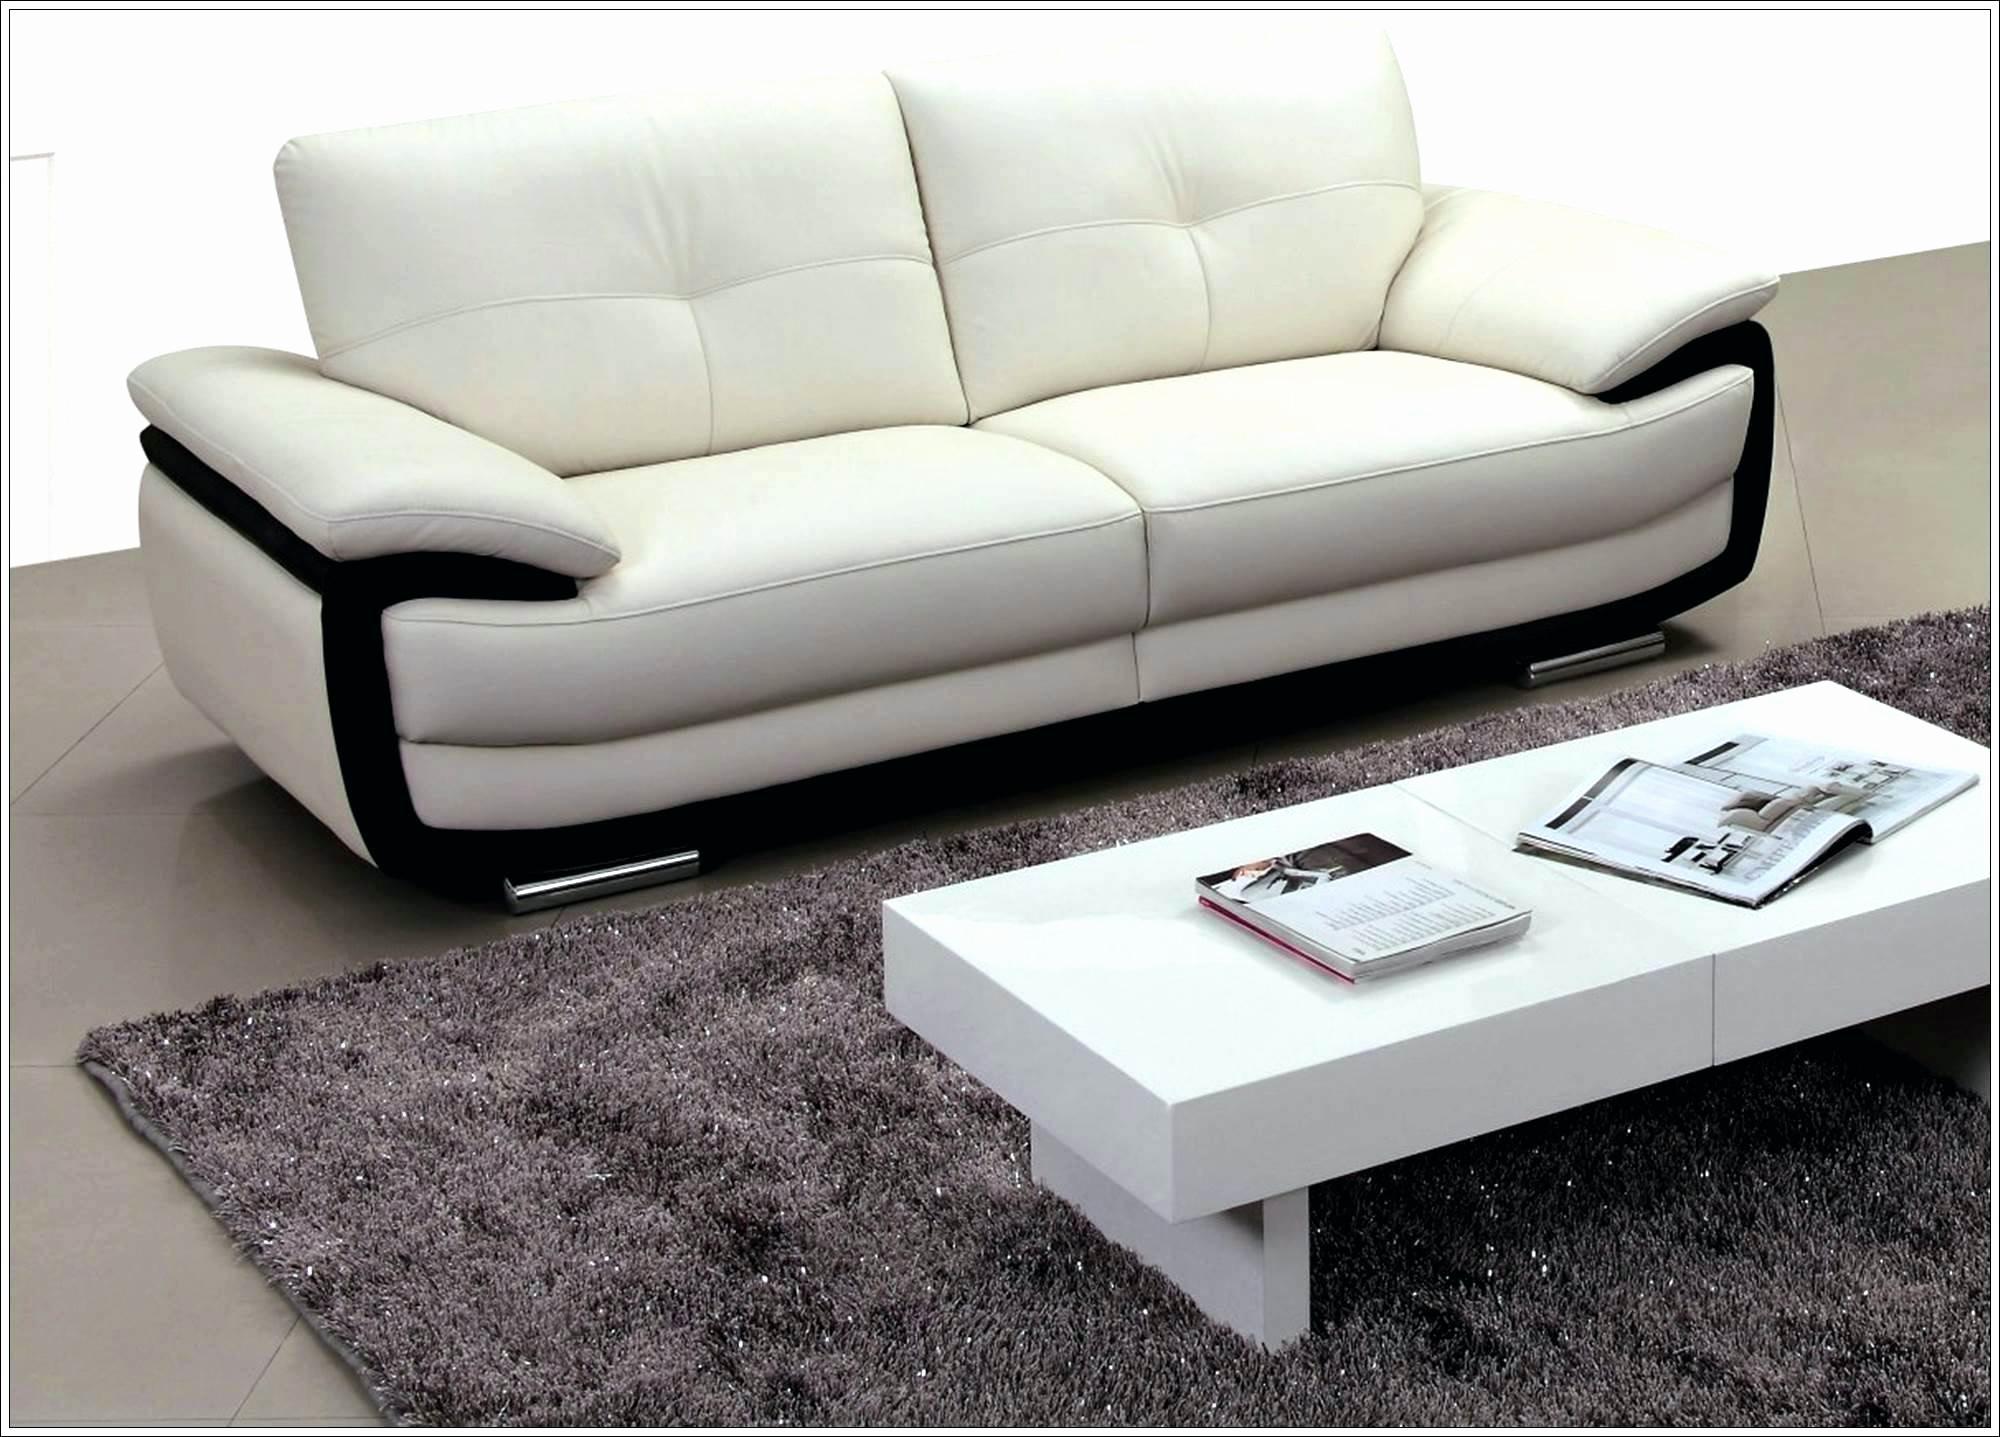 Lit Canapé Escamotable Ikea Frais Photographie Canap Convertible 3 Places Conforama 11 Lit 2 Pas Cher Ikea but